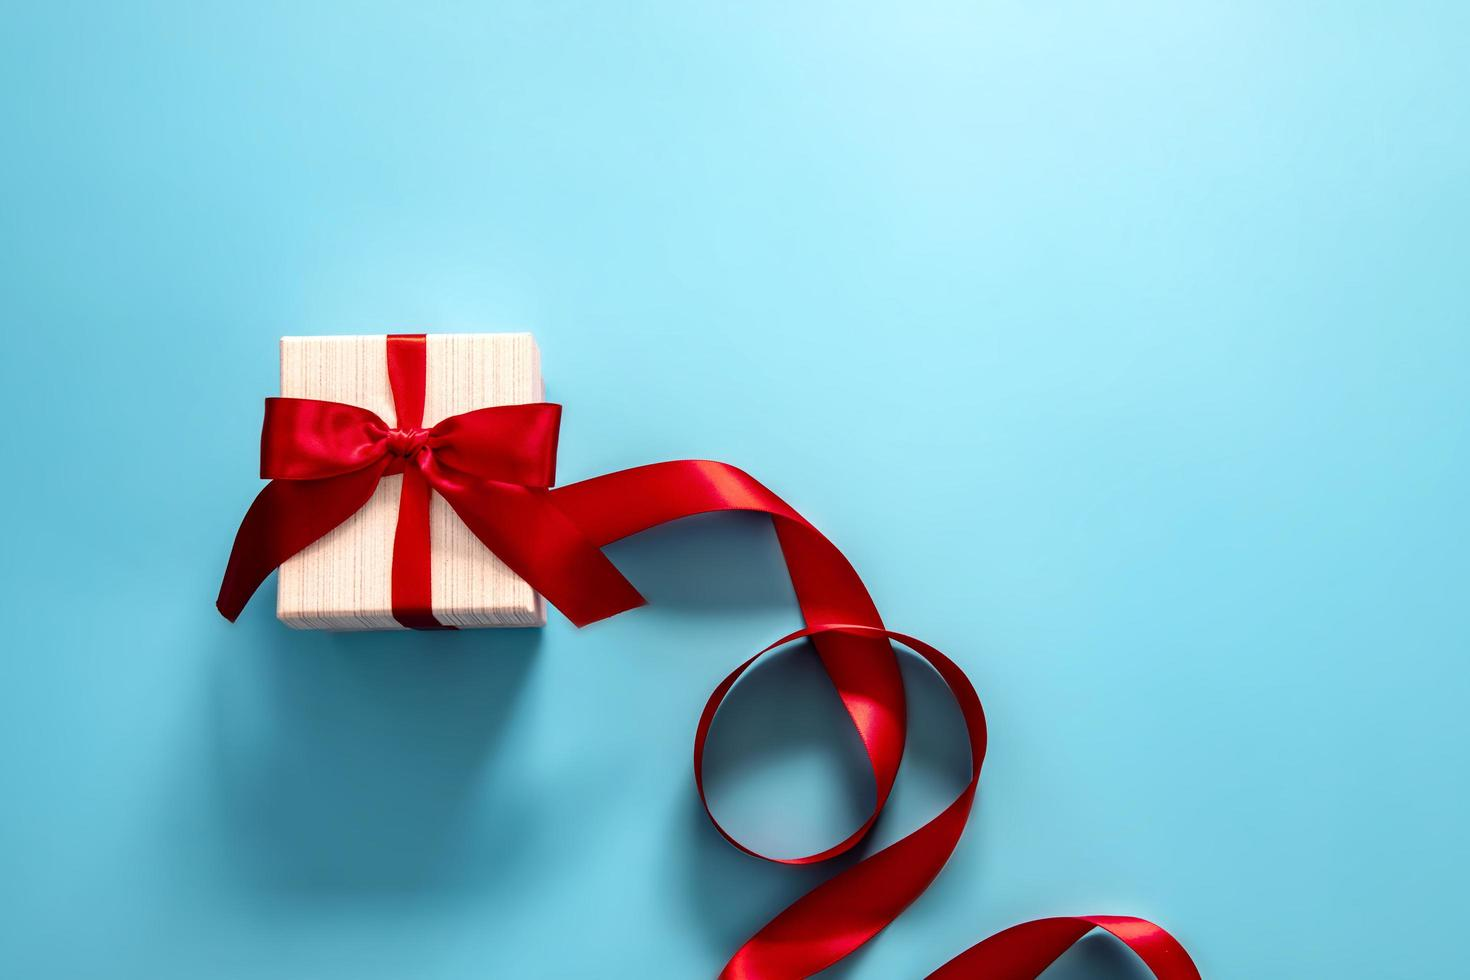 confezione regalo con nastro rosso su sfondo blu foto